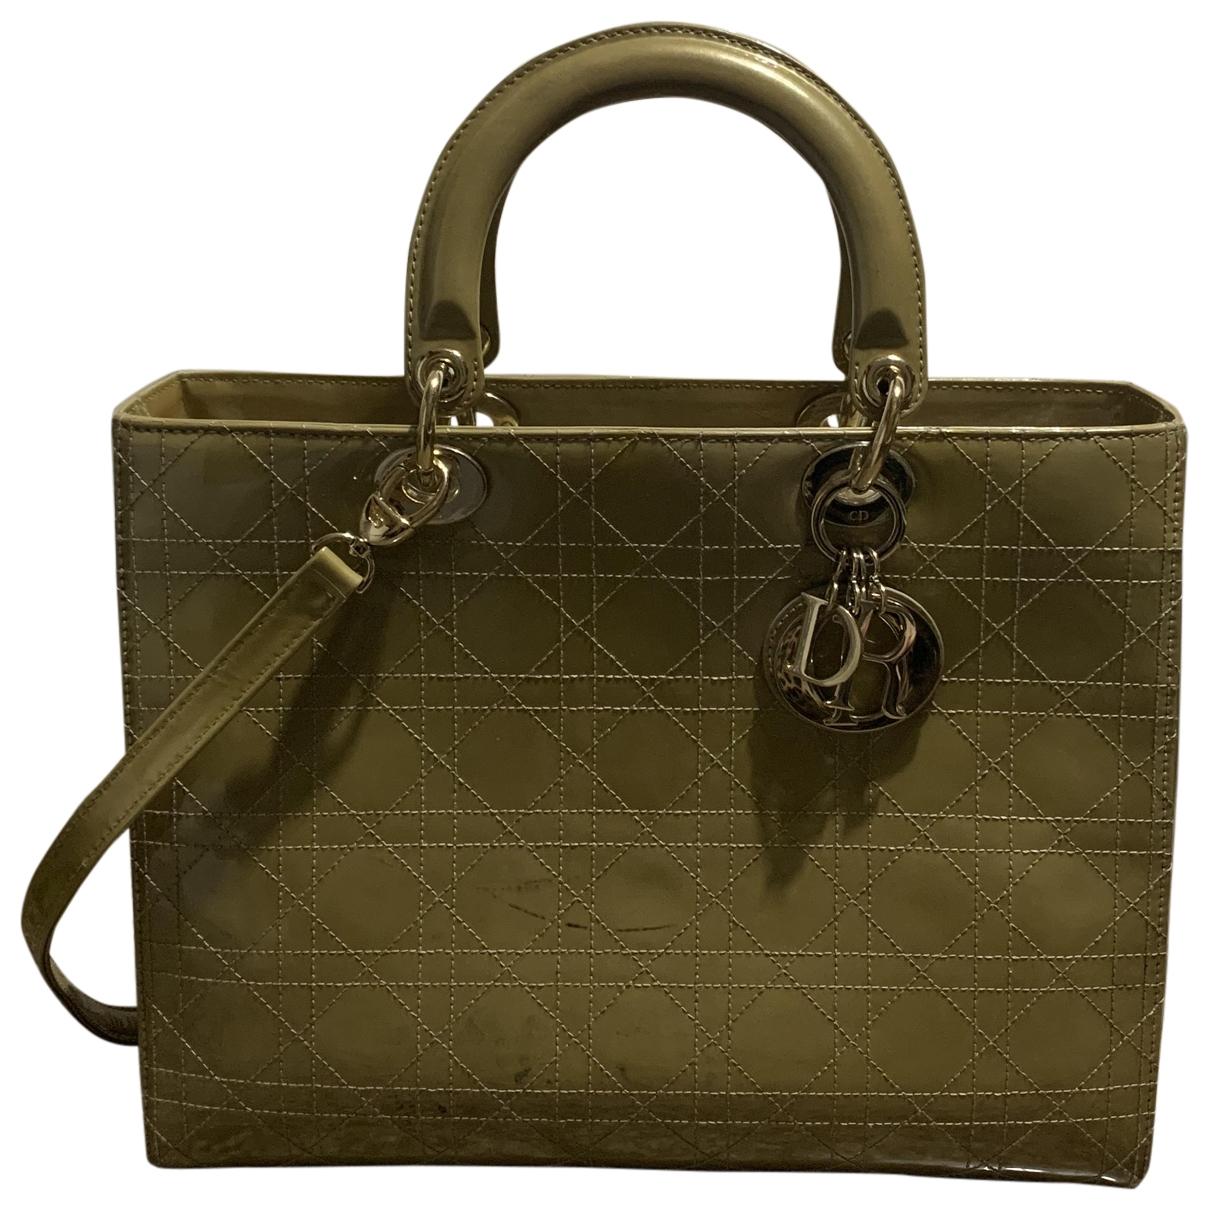 Dior Lady Dior Handtasche in  Beige Lackleder